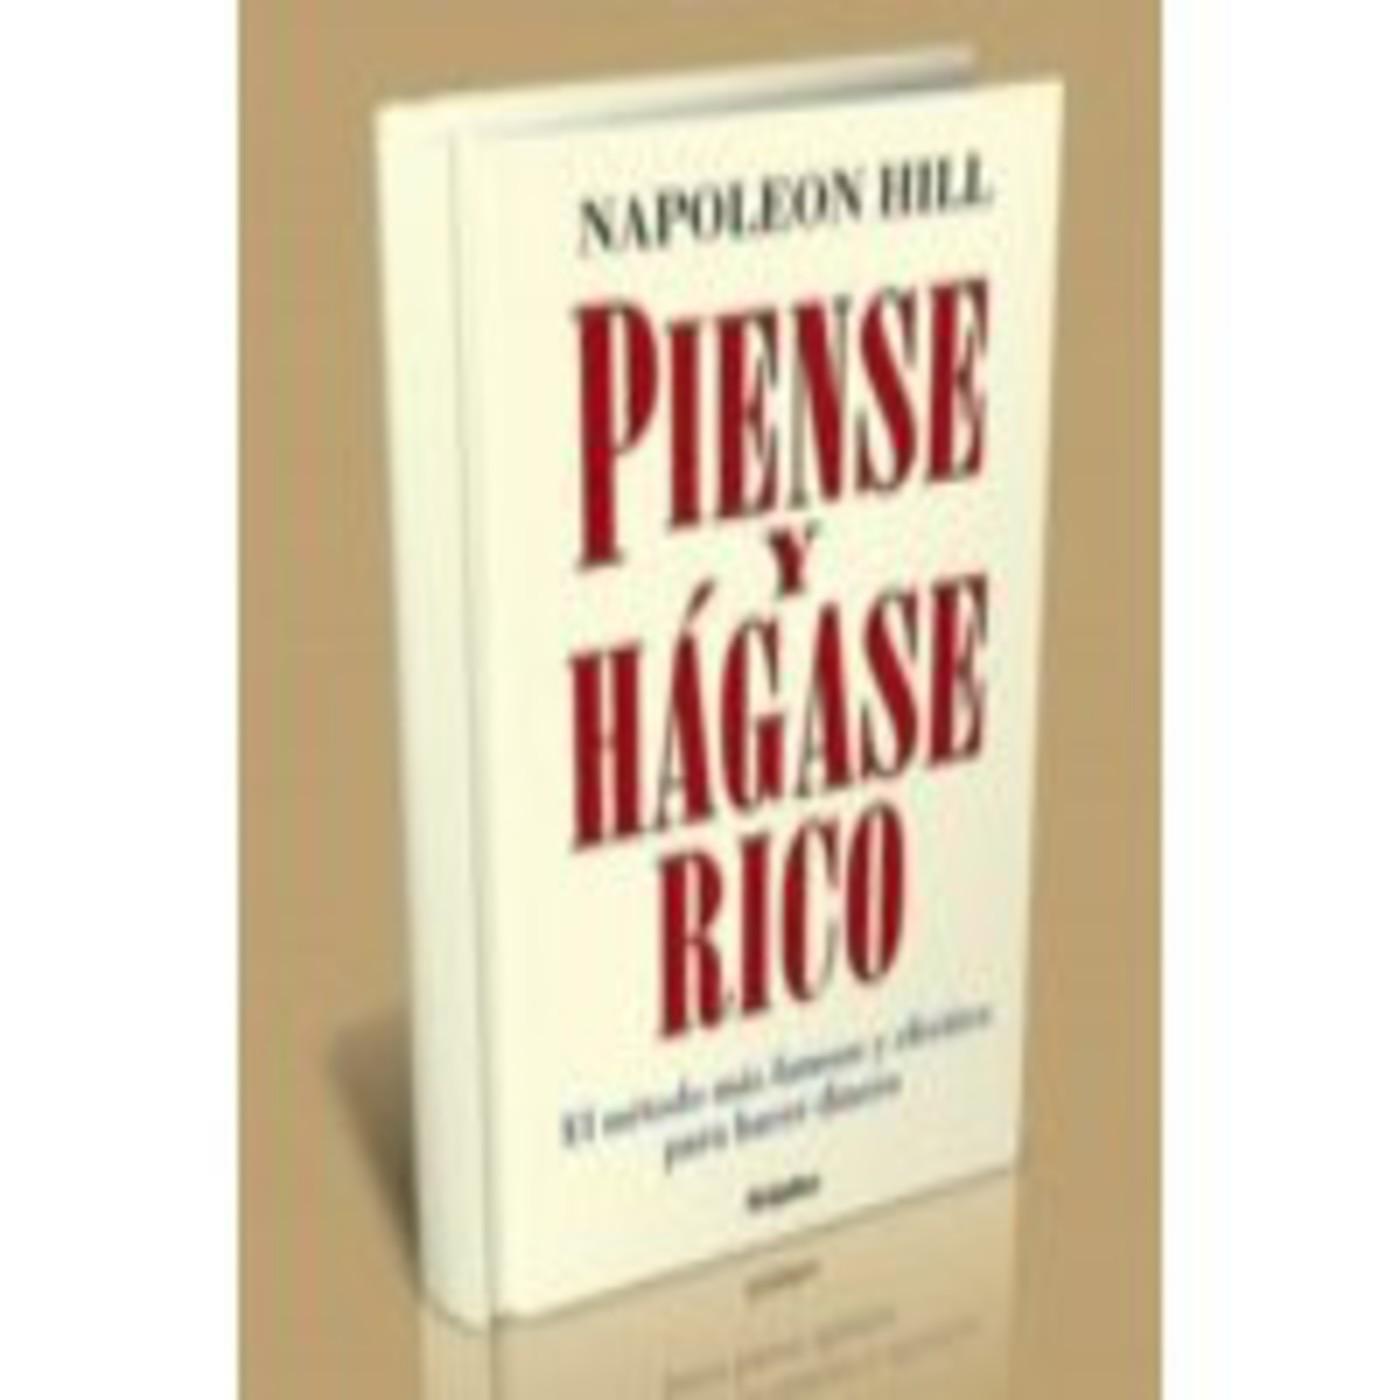 Piense y Hágase Rico por Napoleón Hill